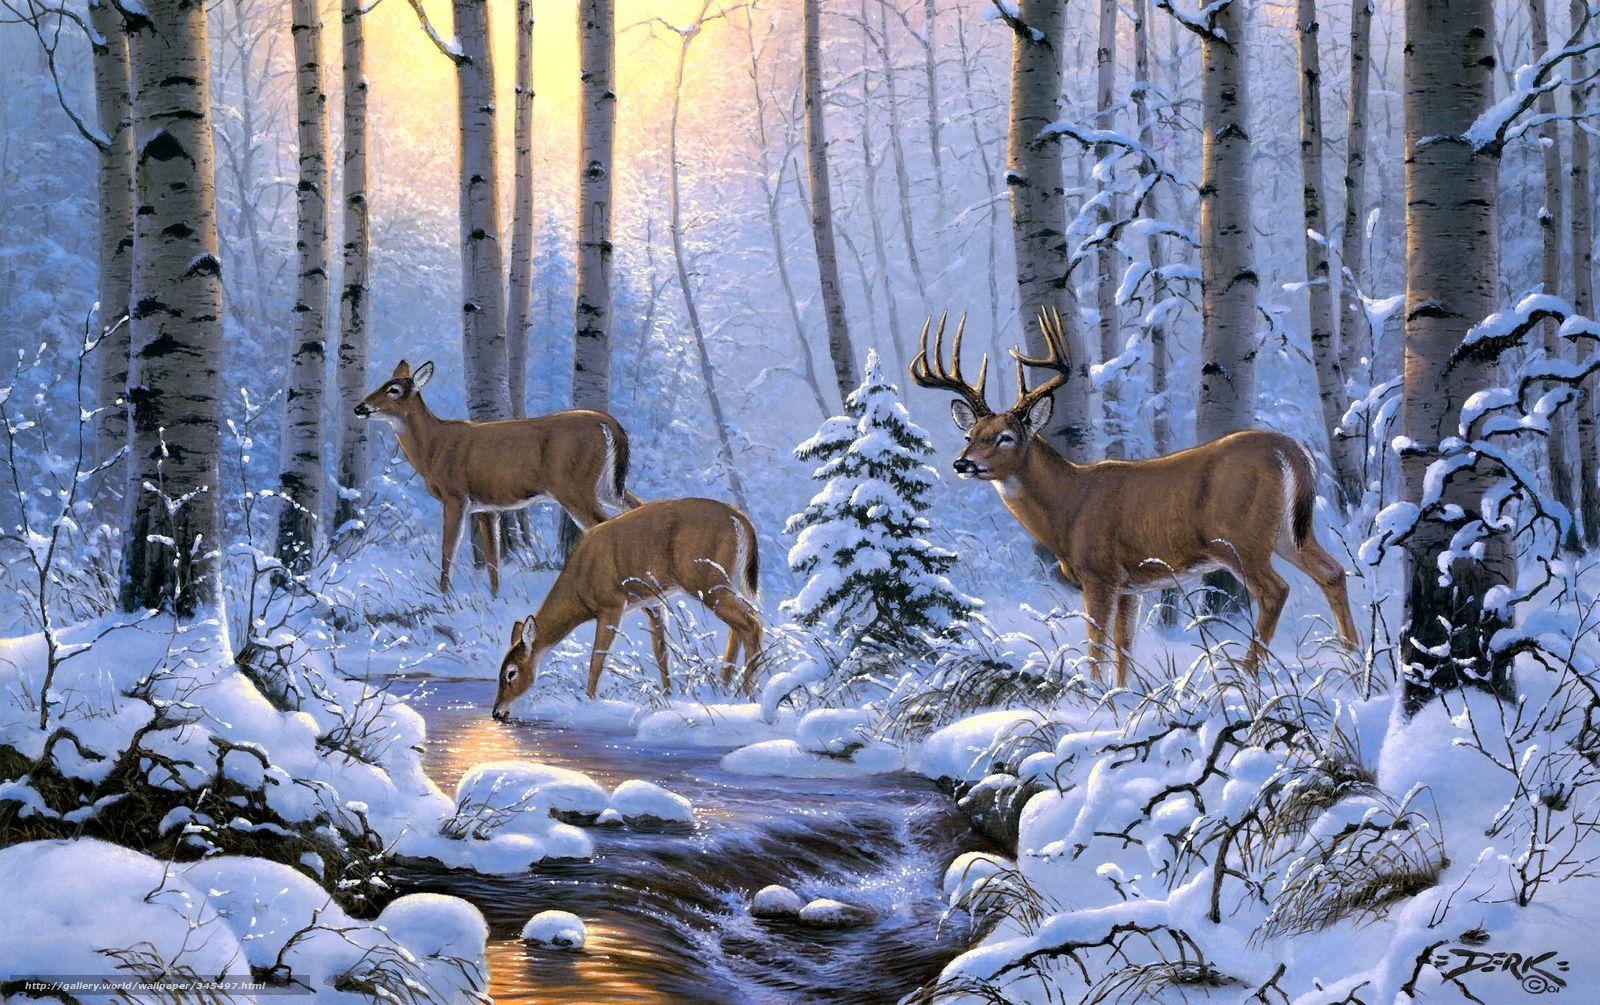 Free desktop wallpaper snow scenes wallpapersafari wallpaper derk hansen deer winter forest desktop wallpaper 1600x1005 voltagebd Image collections